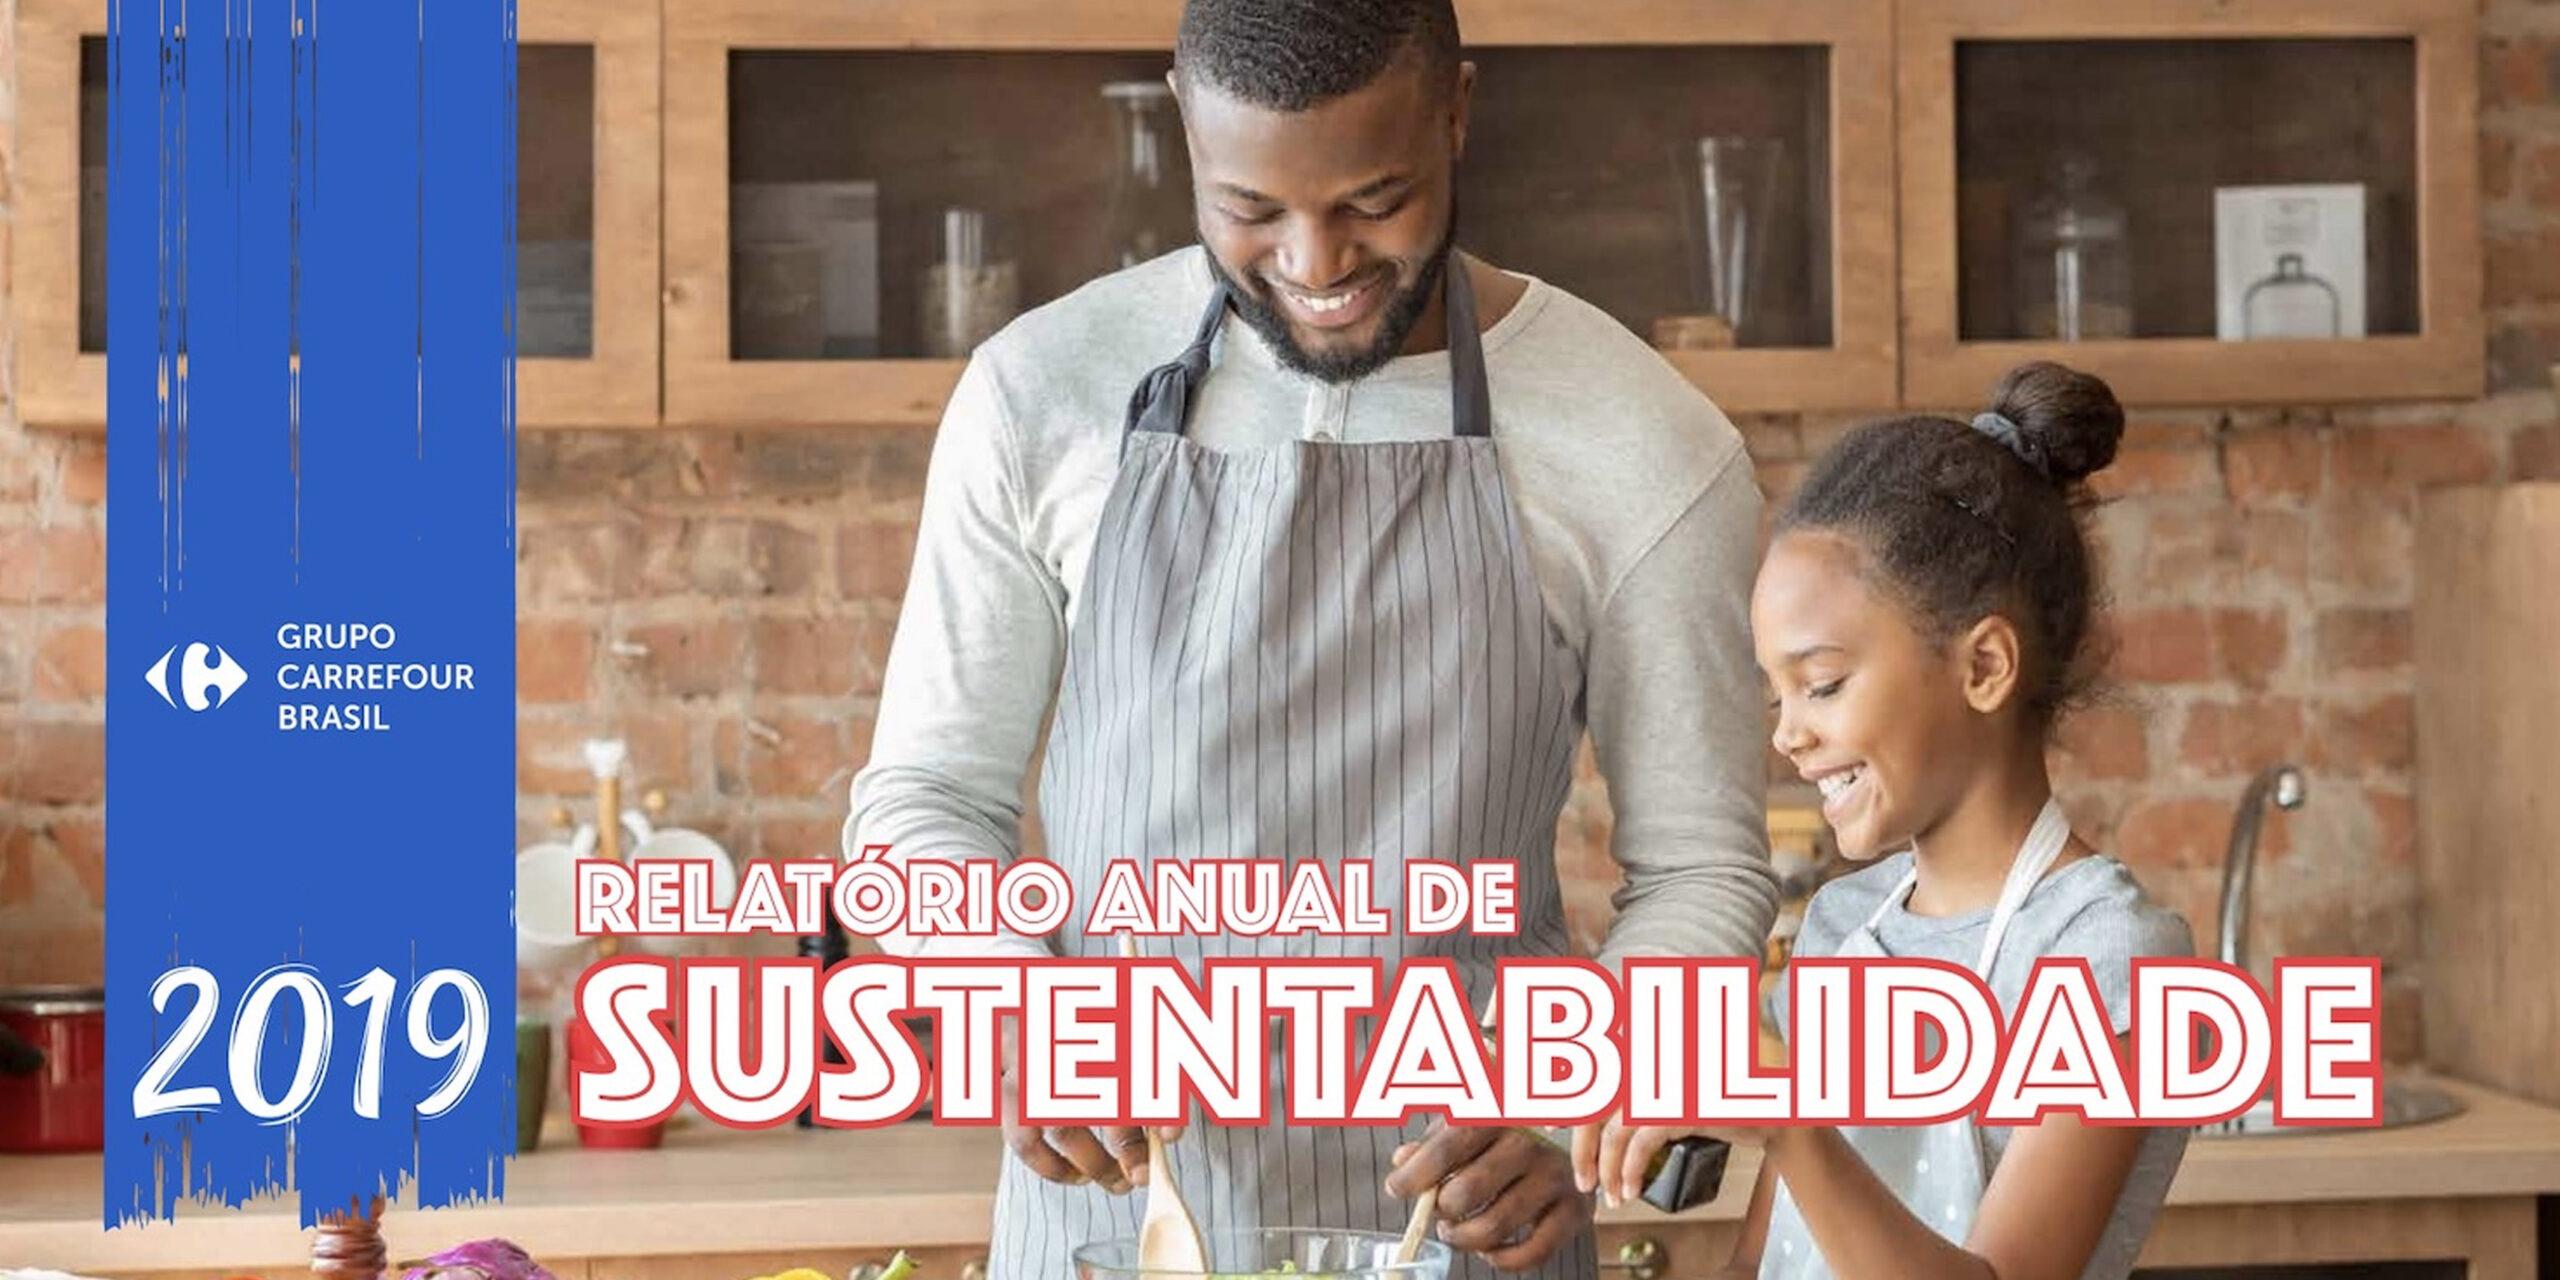 Confira as principais medidas sustentáveis do Grupo Carrefour Brasil em 2019, divulgadas em seu Relatório de Sustentabilidade.